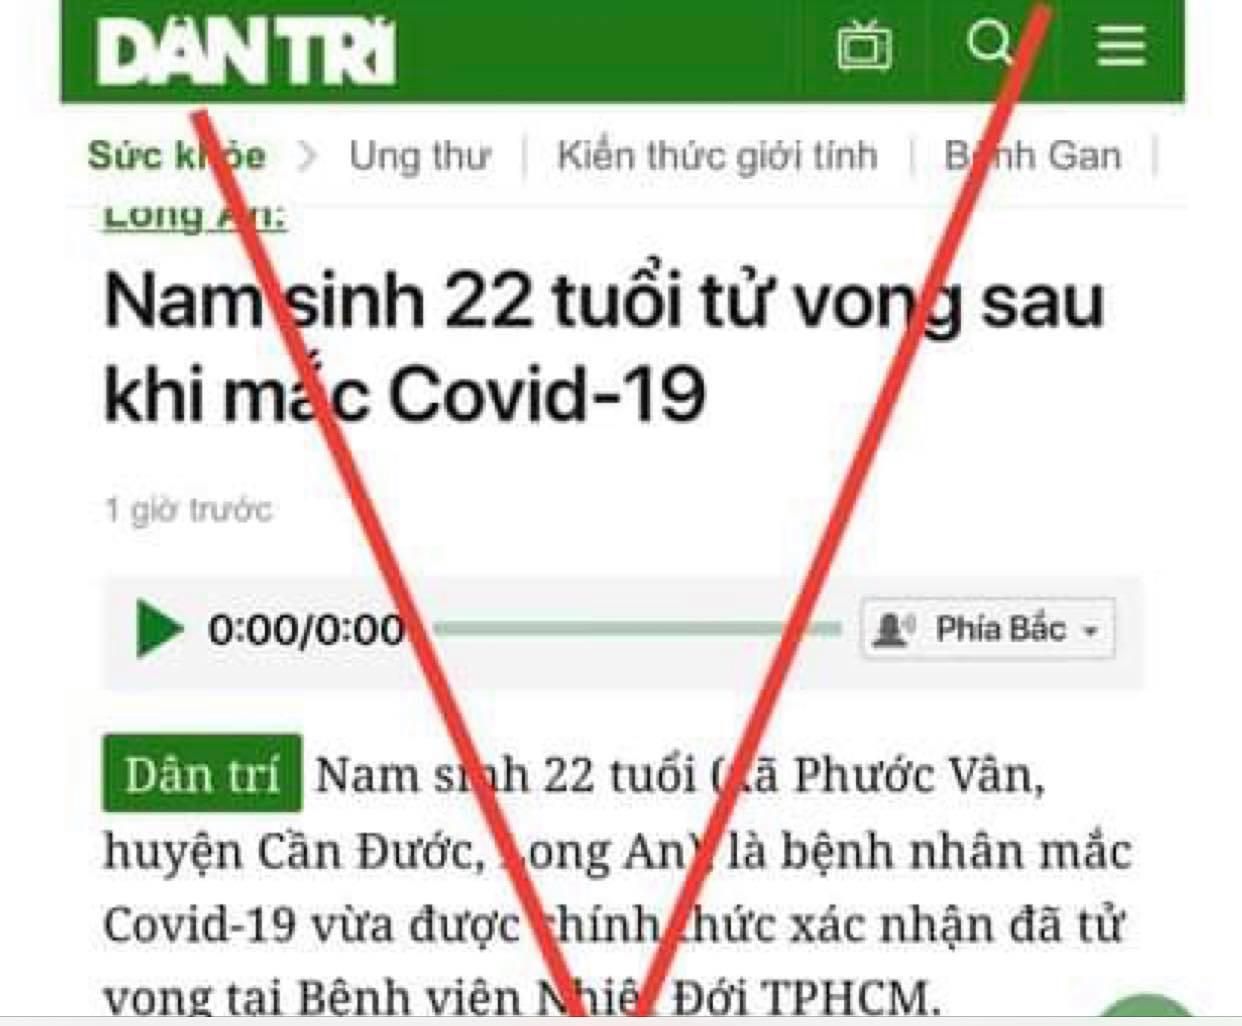 Bài báo thông tin sai sự thật trên Báo điện tử Dân Trí đã được gỡ bỏ